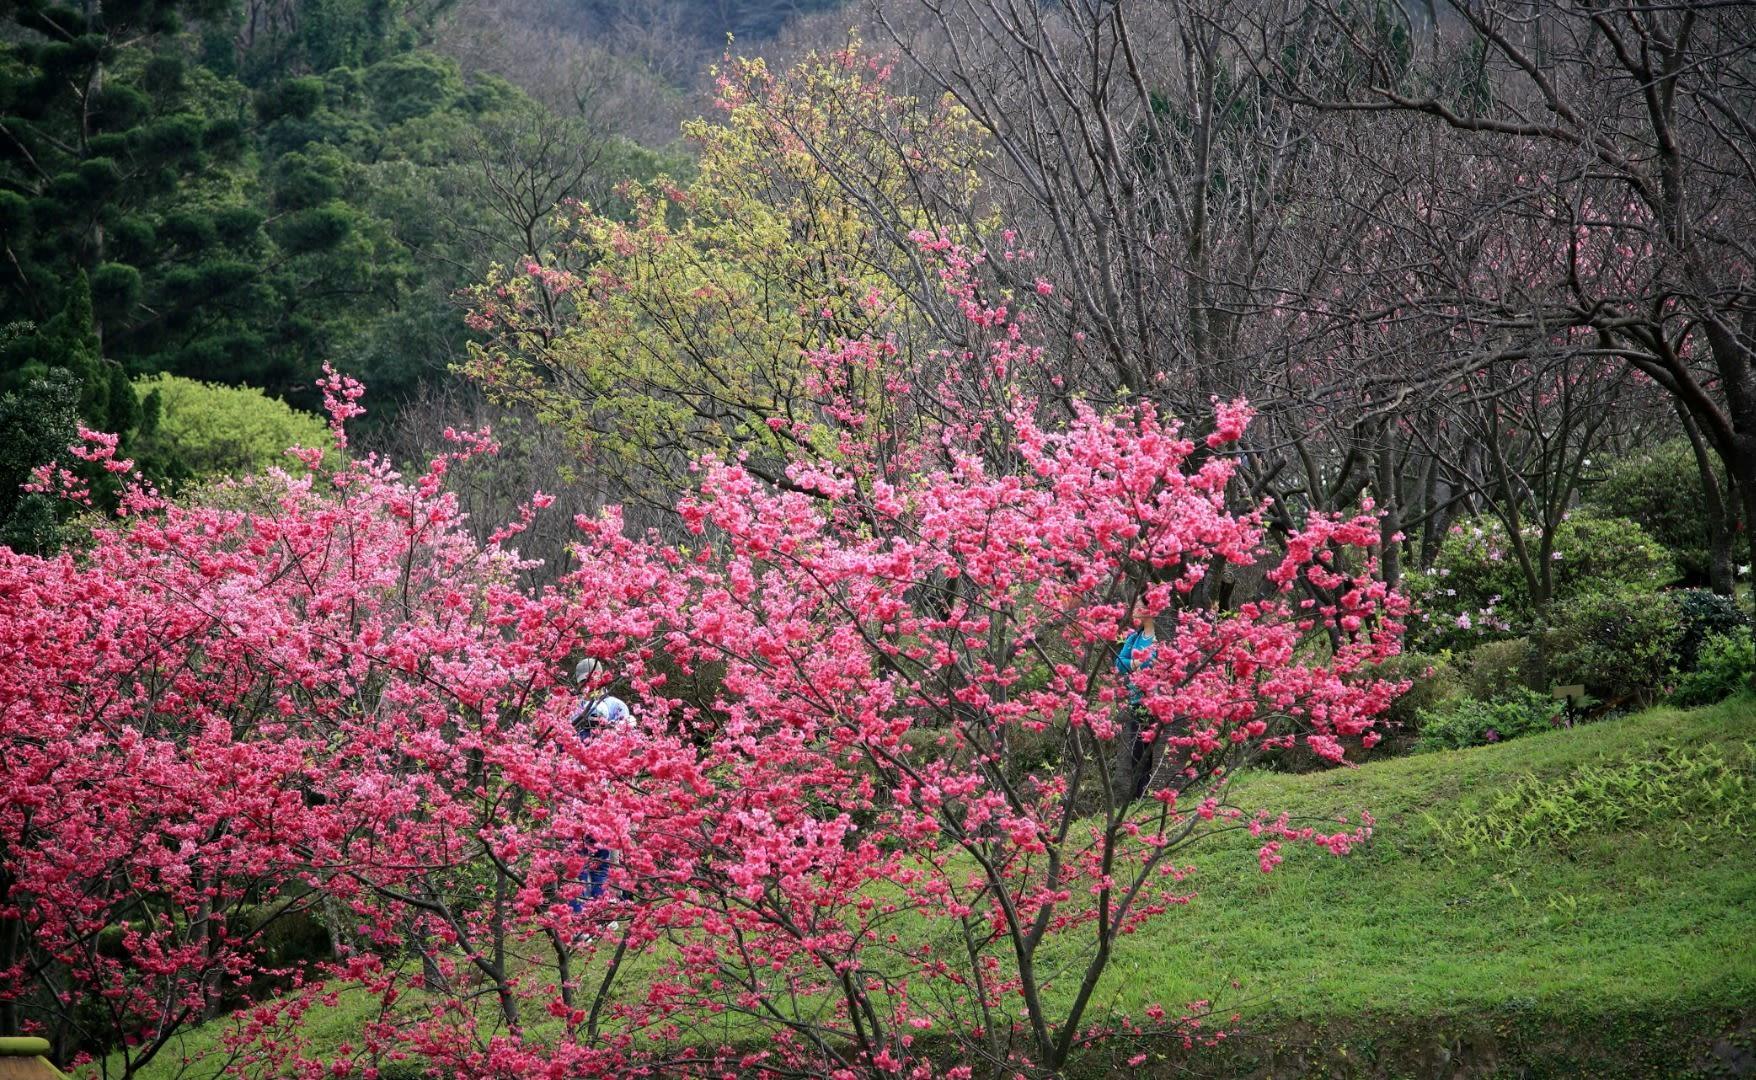 hoạt động săn hoa anh đào ở đài loan: ngắm hoa anh đào ở dương minh sơn